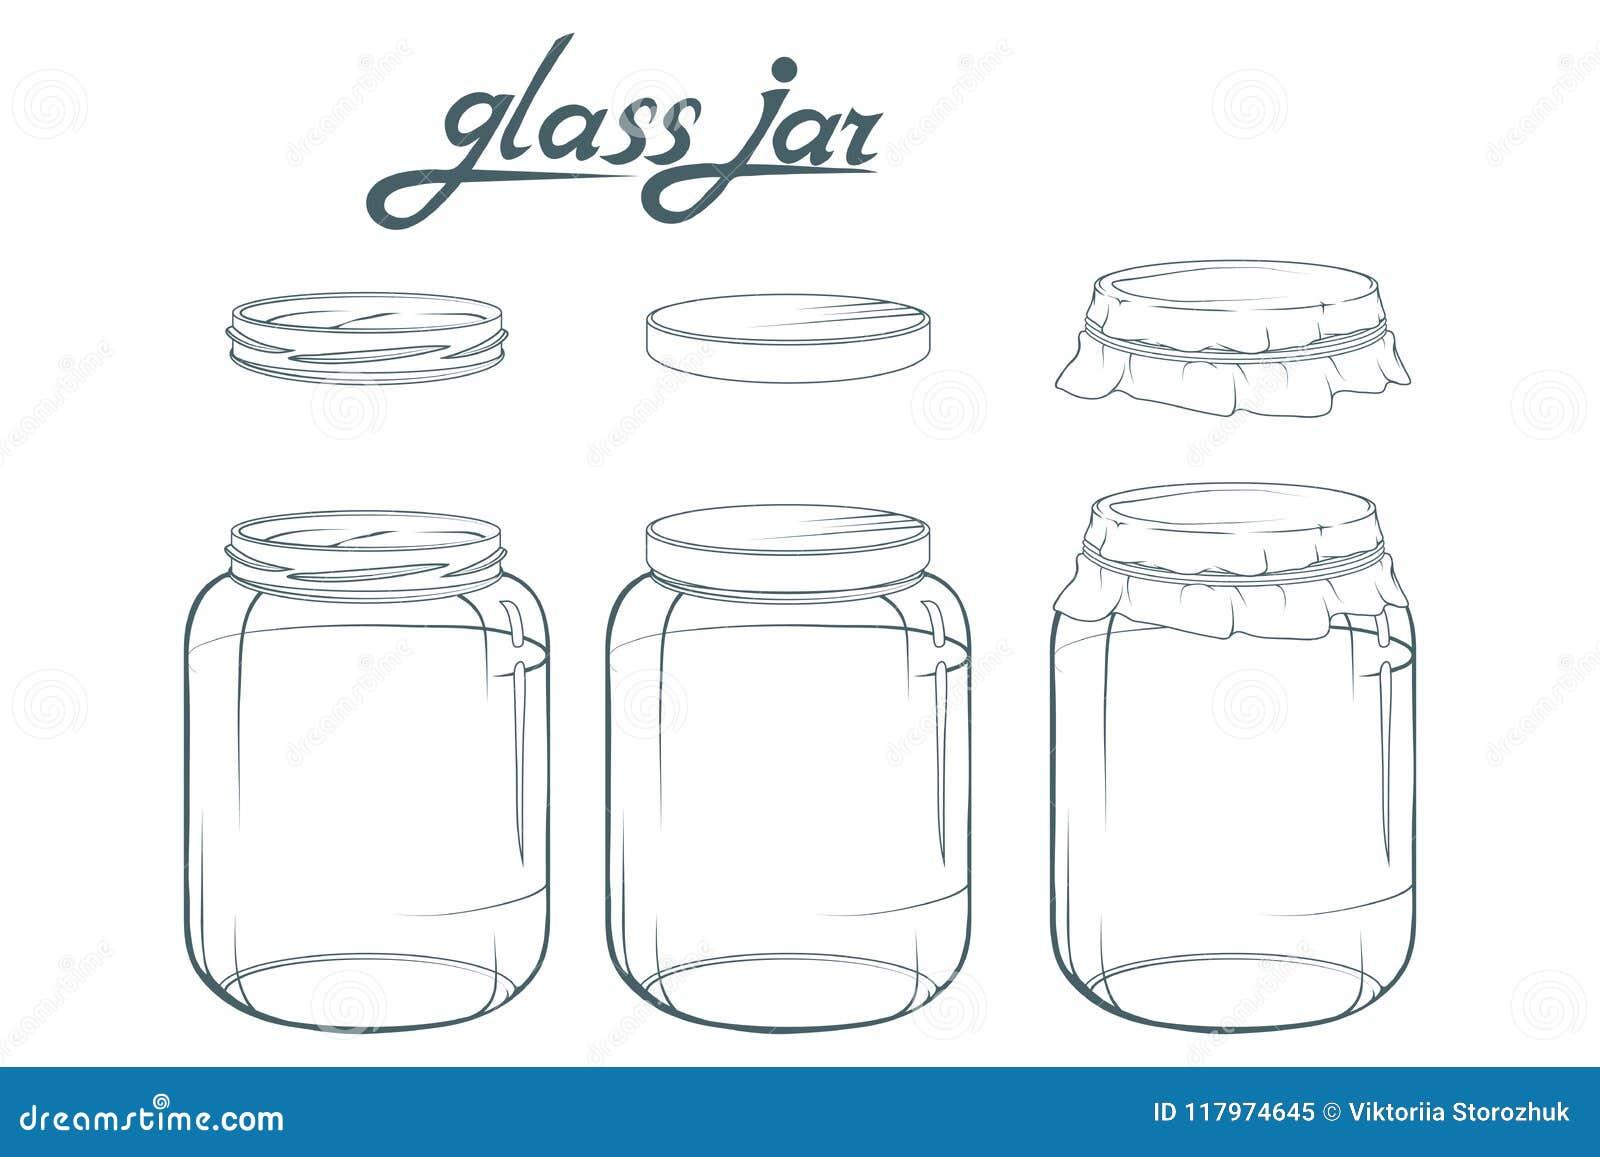 таблица corns кофе стеклянным разленная опарником Нарисованная рука опарника Литерность стеклянного опарника